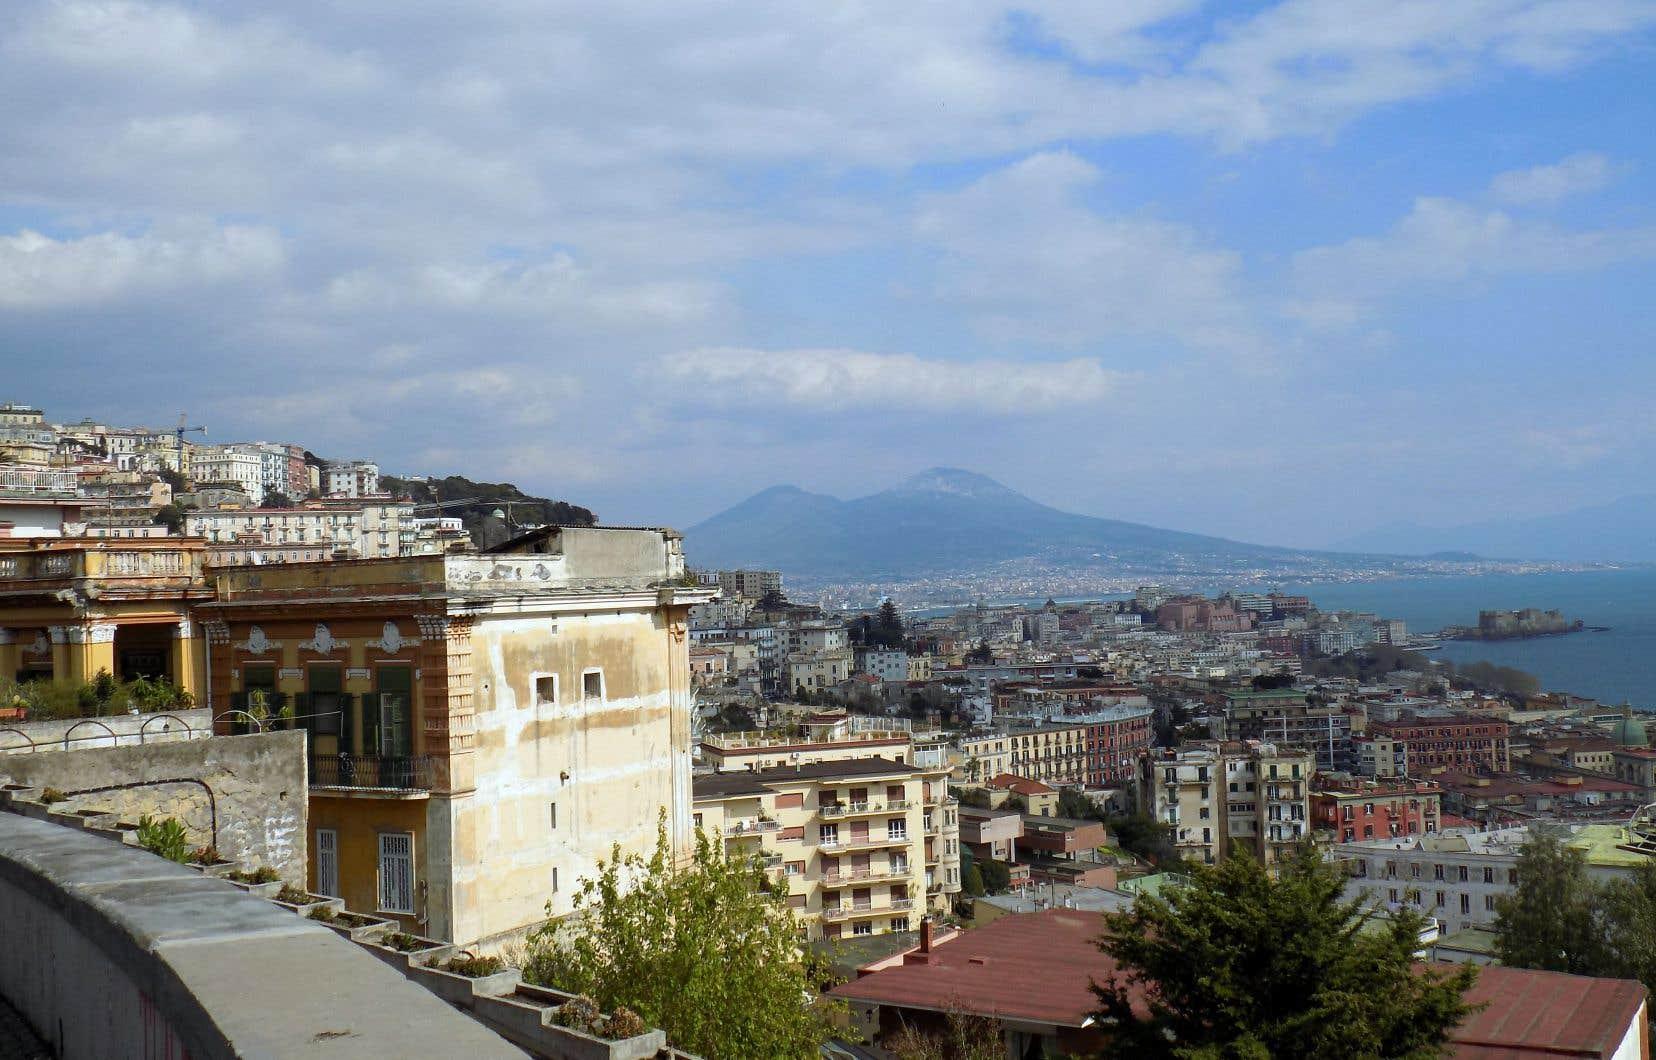 Vue de Naples construite en amphithéâtre et du Vésuve, en montant vers San Martino.